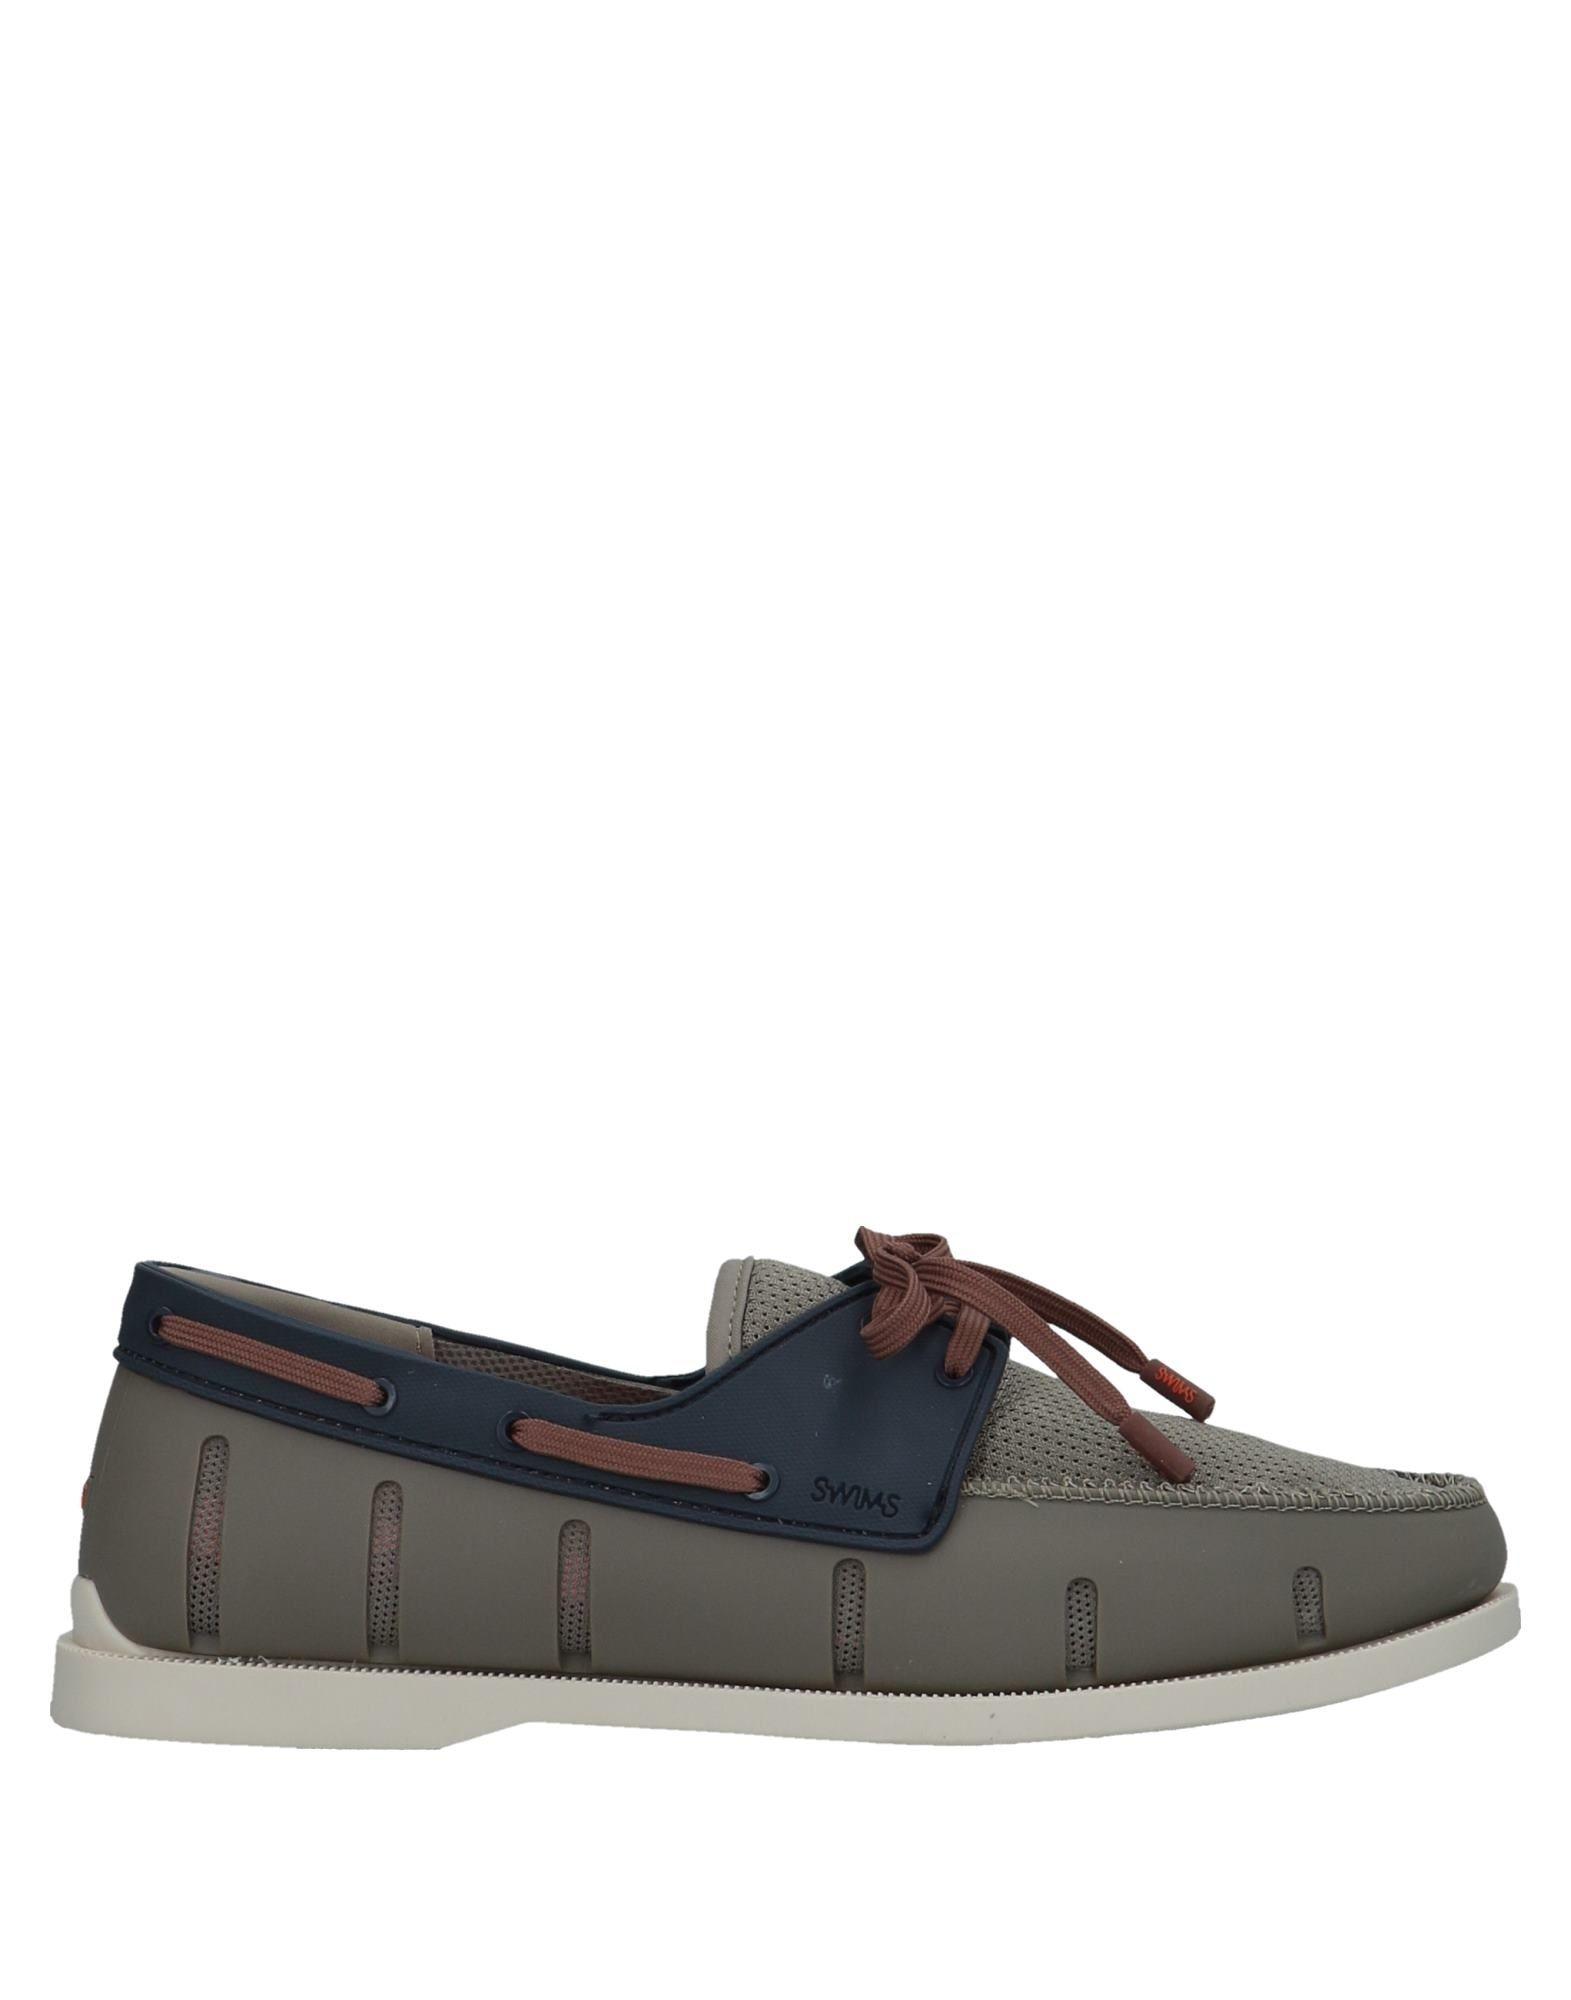 Rabatt echte Schuhe Swims Mokassins Herren  11537888ND